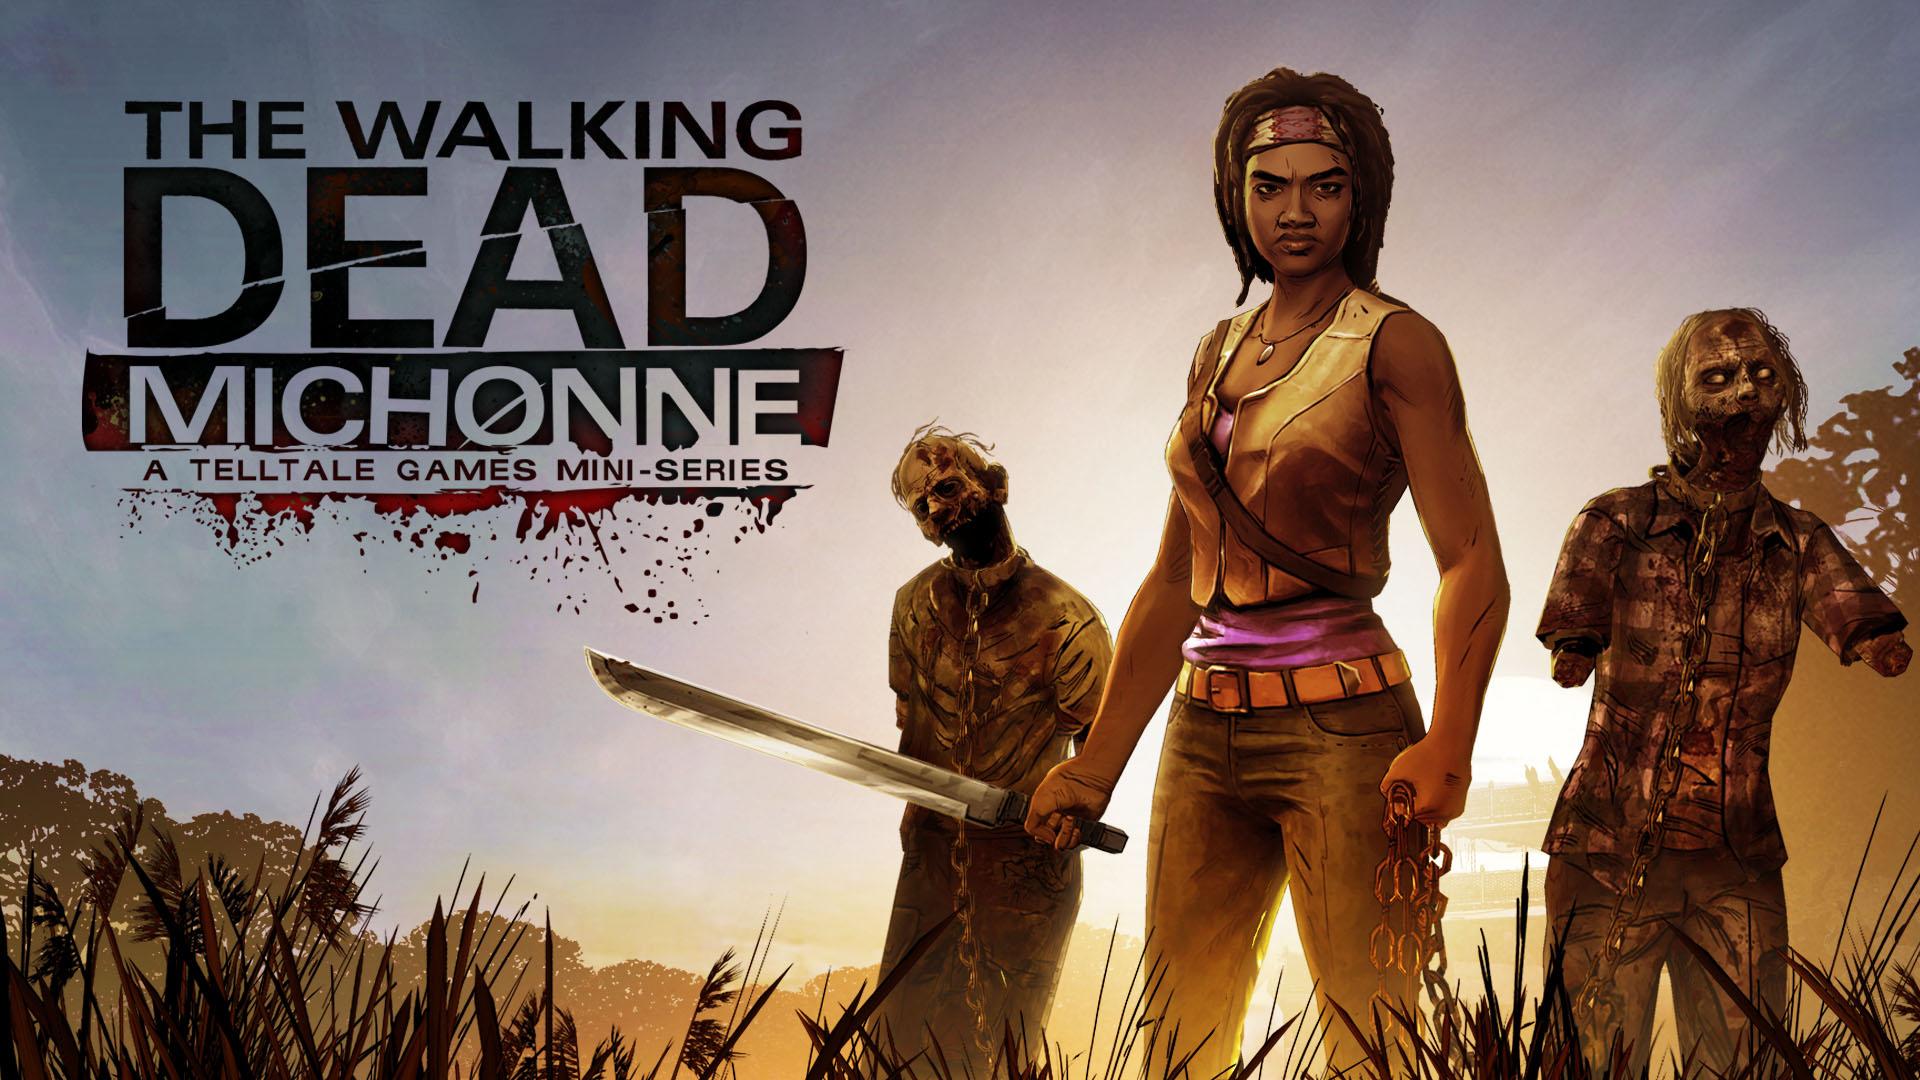 The Walking Dead: Michonne, miniserie annunciata da Telltale Games